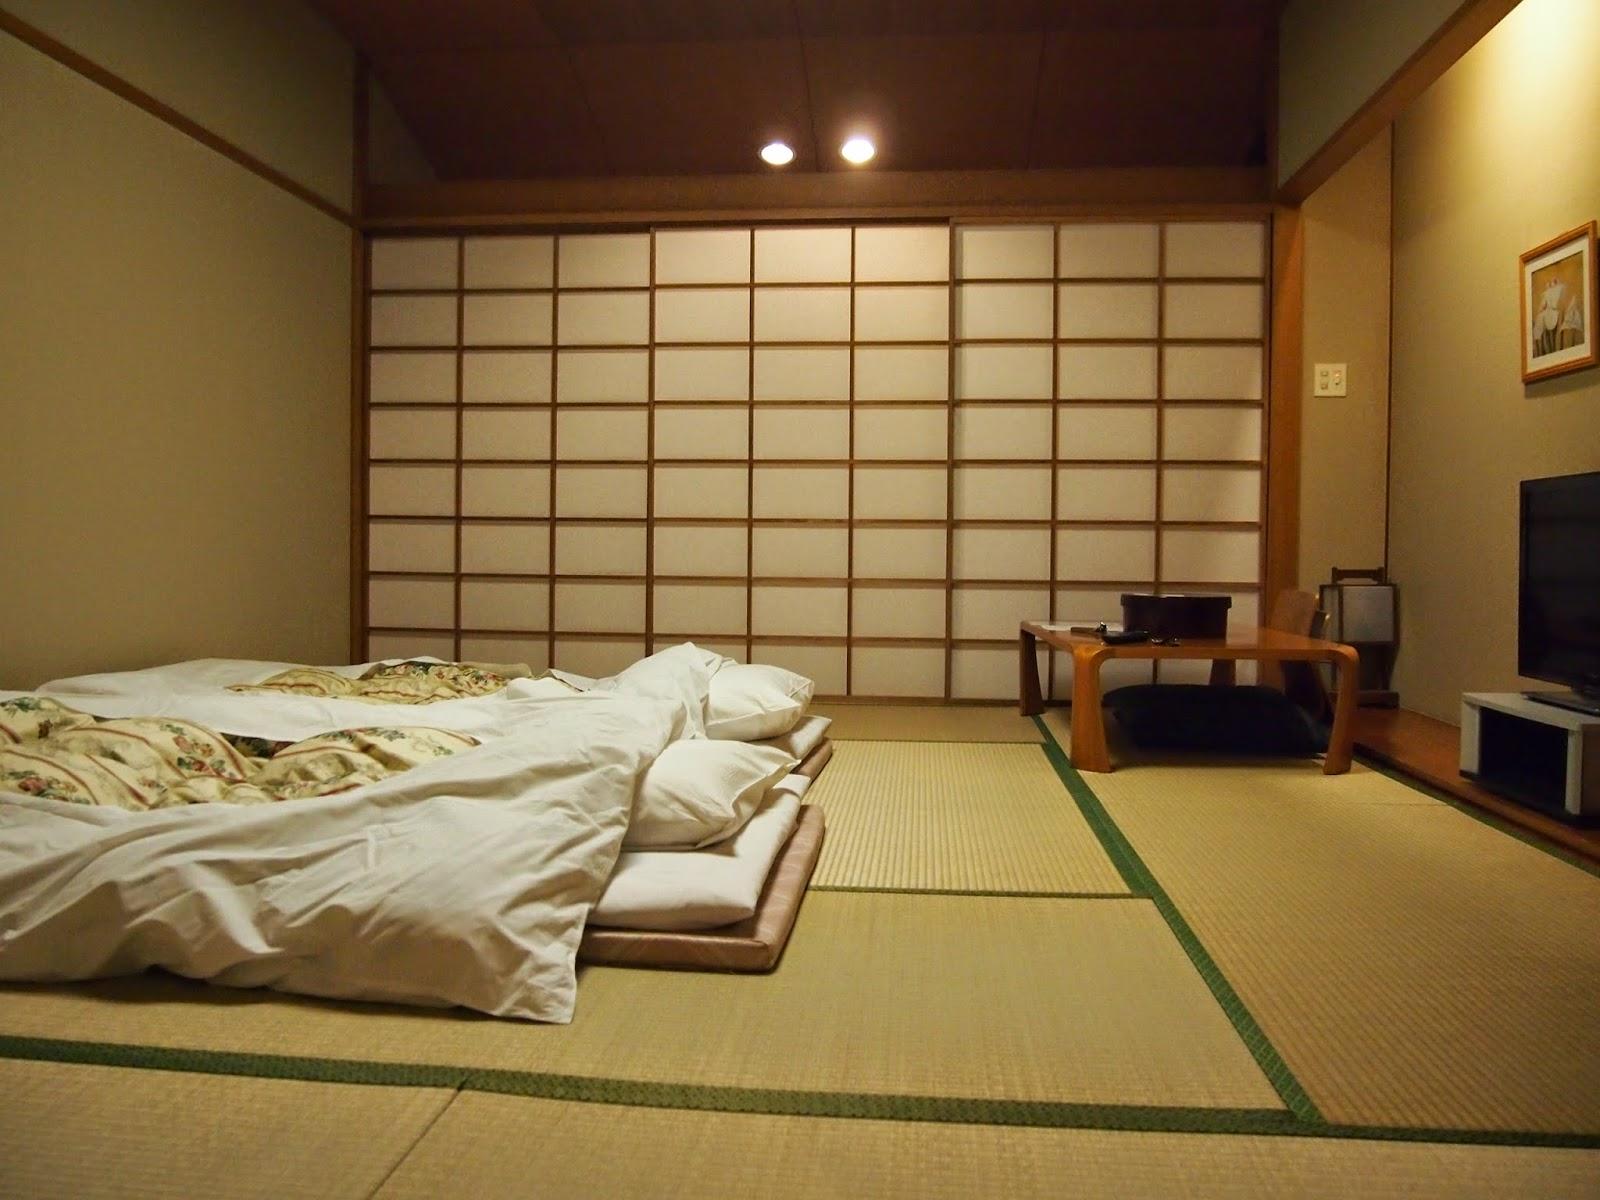 bedroom glamor ideas: ๋japan style bedroom glamor ideas.